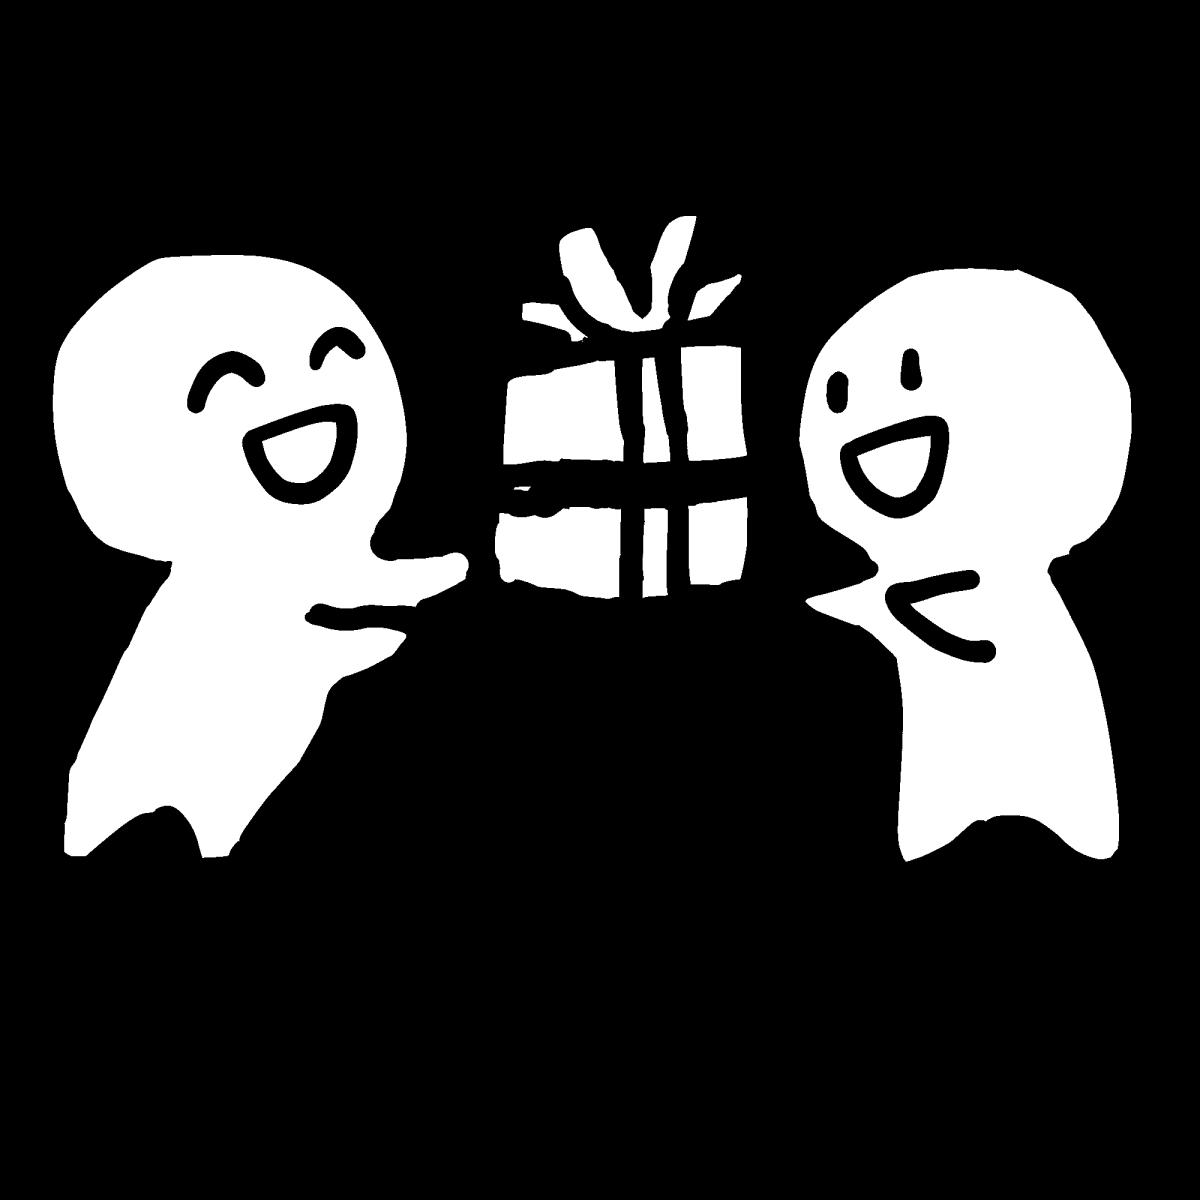 プレゼントを渡すのイラスト / Give someone a present Illustration